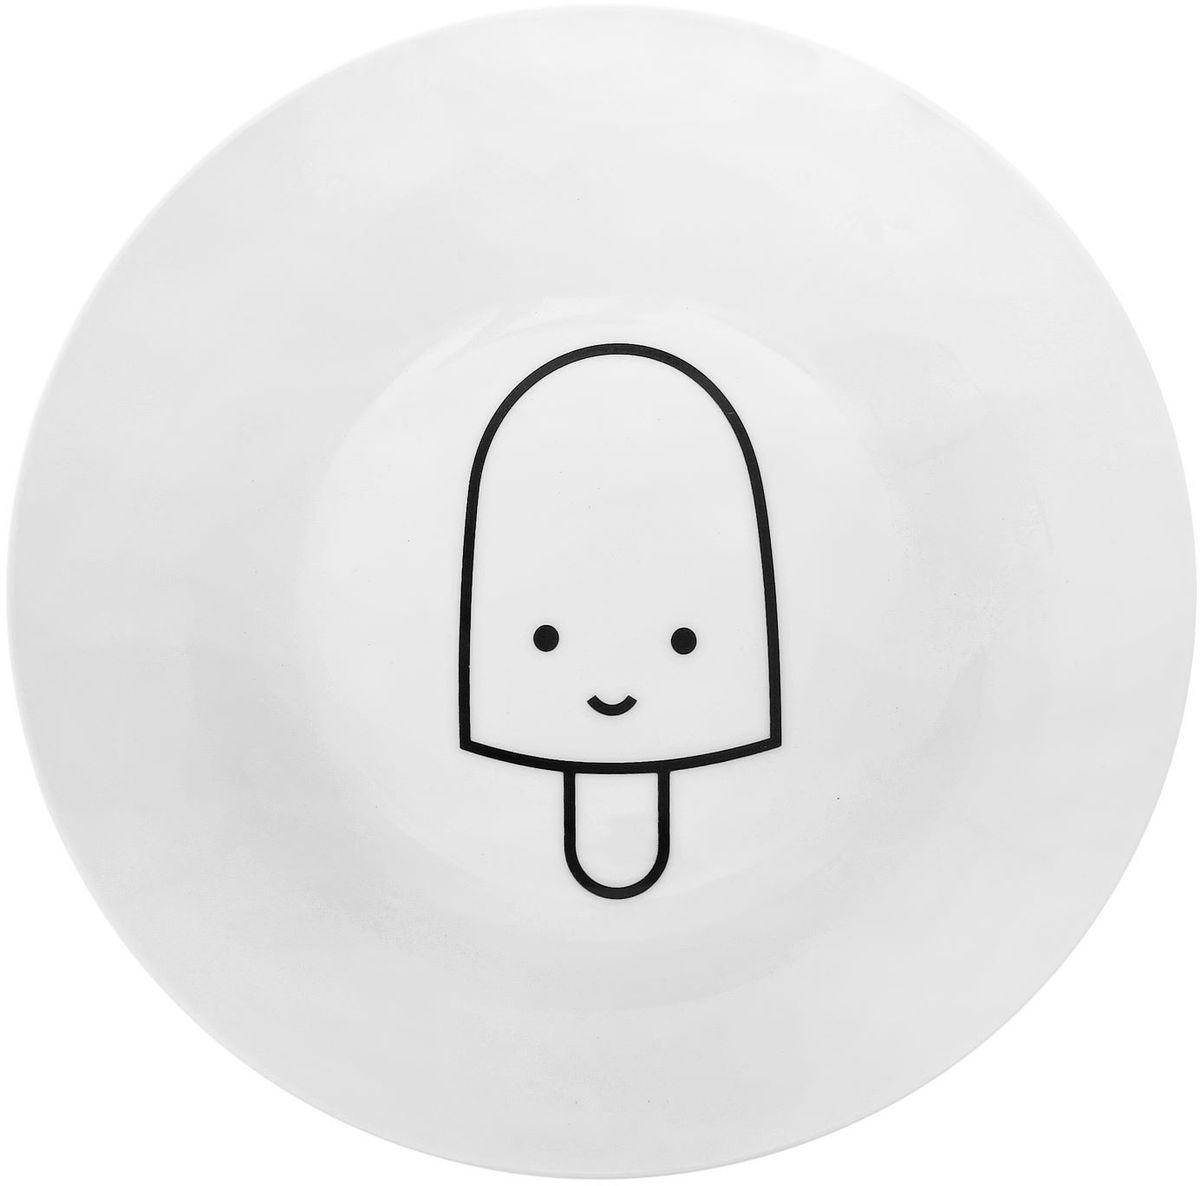 Тарелка глубокая Сотвори чудо My Little Ice Cream, диаметр 20 см1661804Хотите обновить интерьер кухни или гостиной? Устраиваете необычную фотосессию или тематический праздник? А может, просто ищете подарок для близкого человека? Посуда « Сотвори Чудо» — правильный выбор в любой ситуации. Её достоинства: изящный фаянс нежного сливочного цвета; стойкость краски; пригодность для посудомоечных машин.